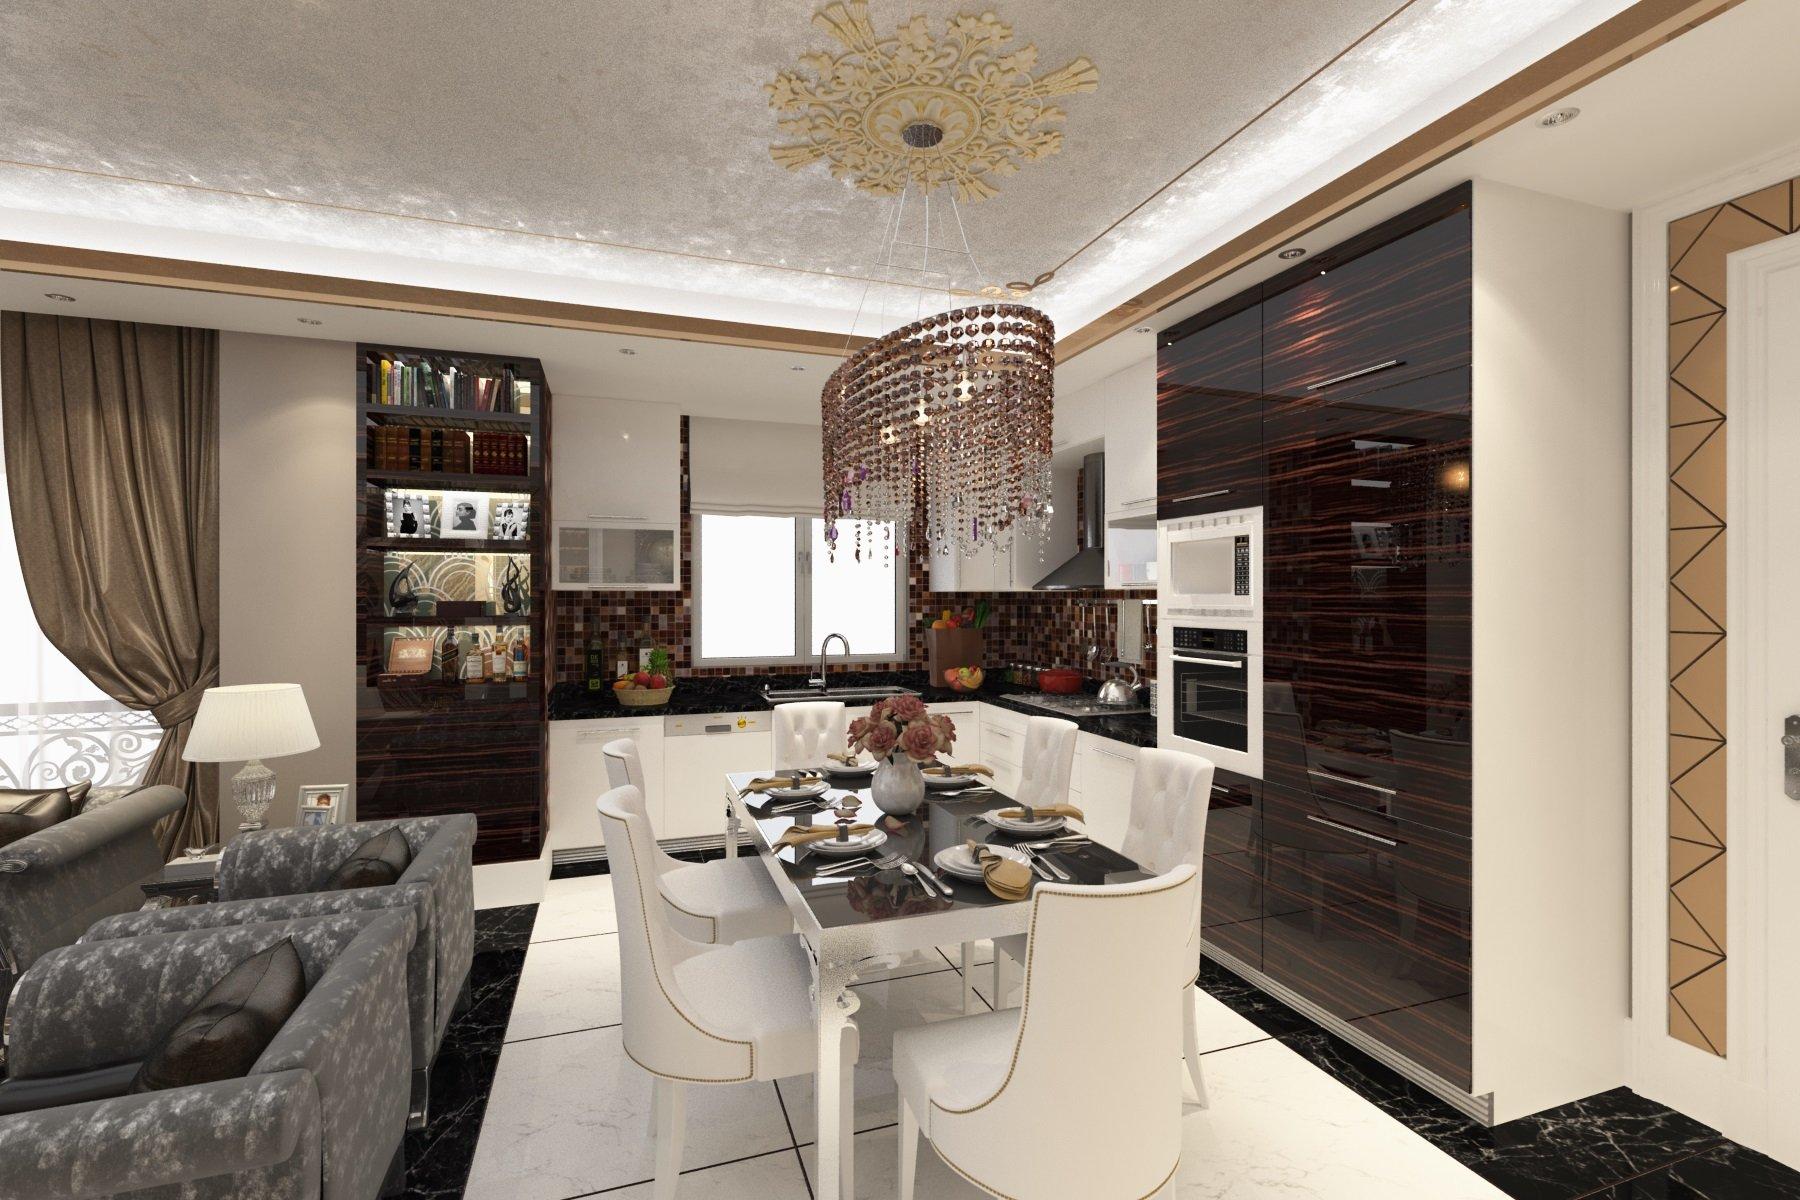 Купить шикарную квартиру на первой линии в строящейся люкс резиденции